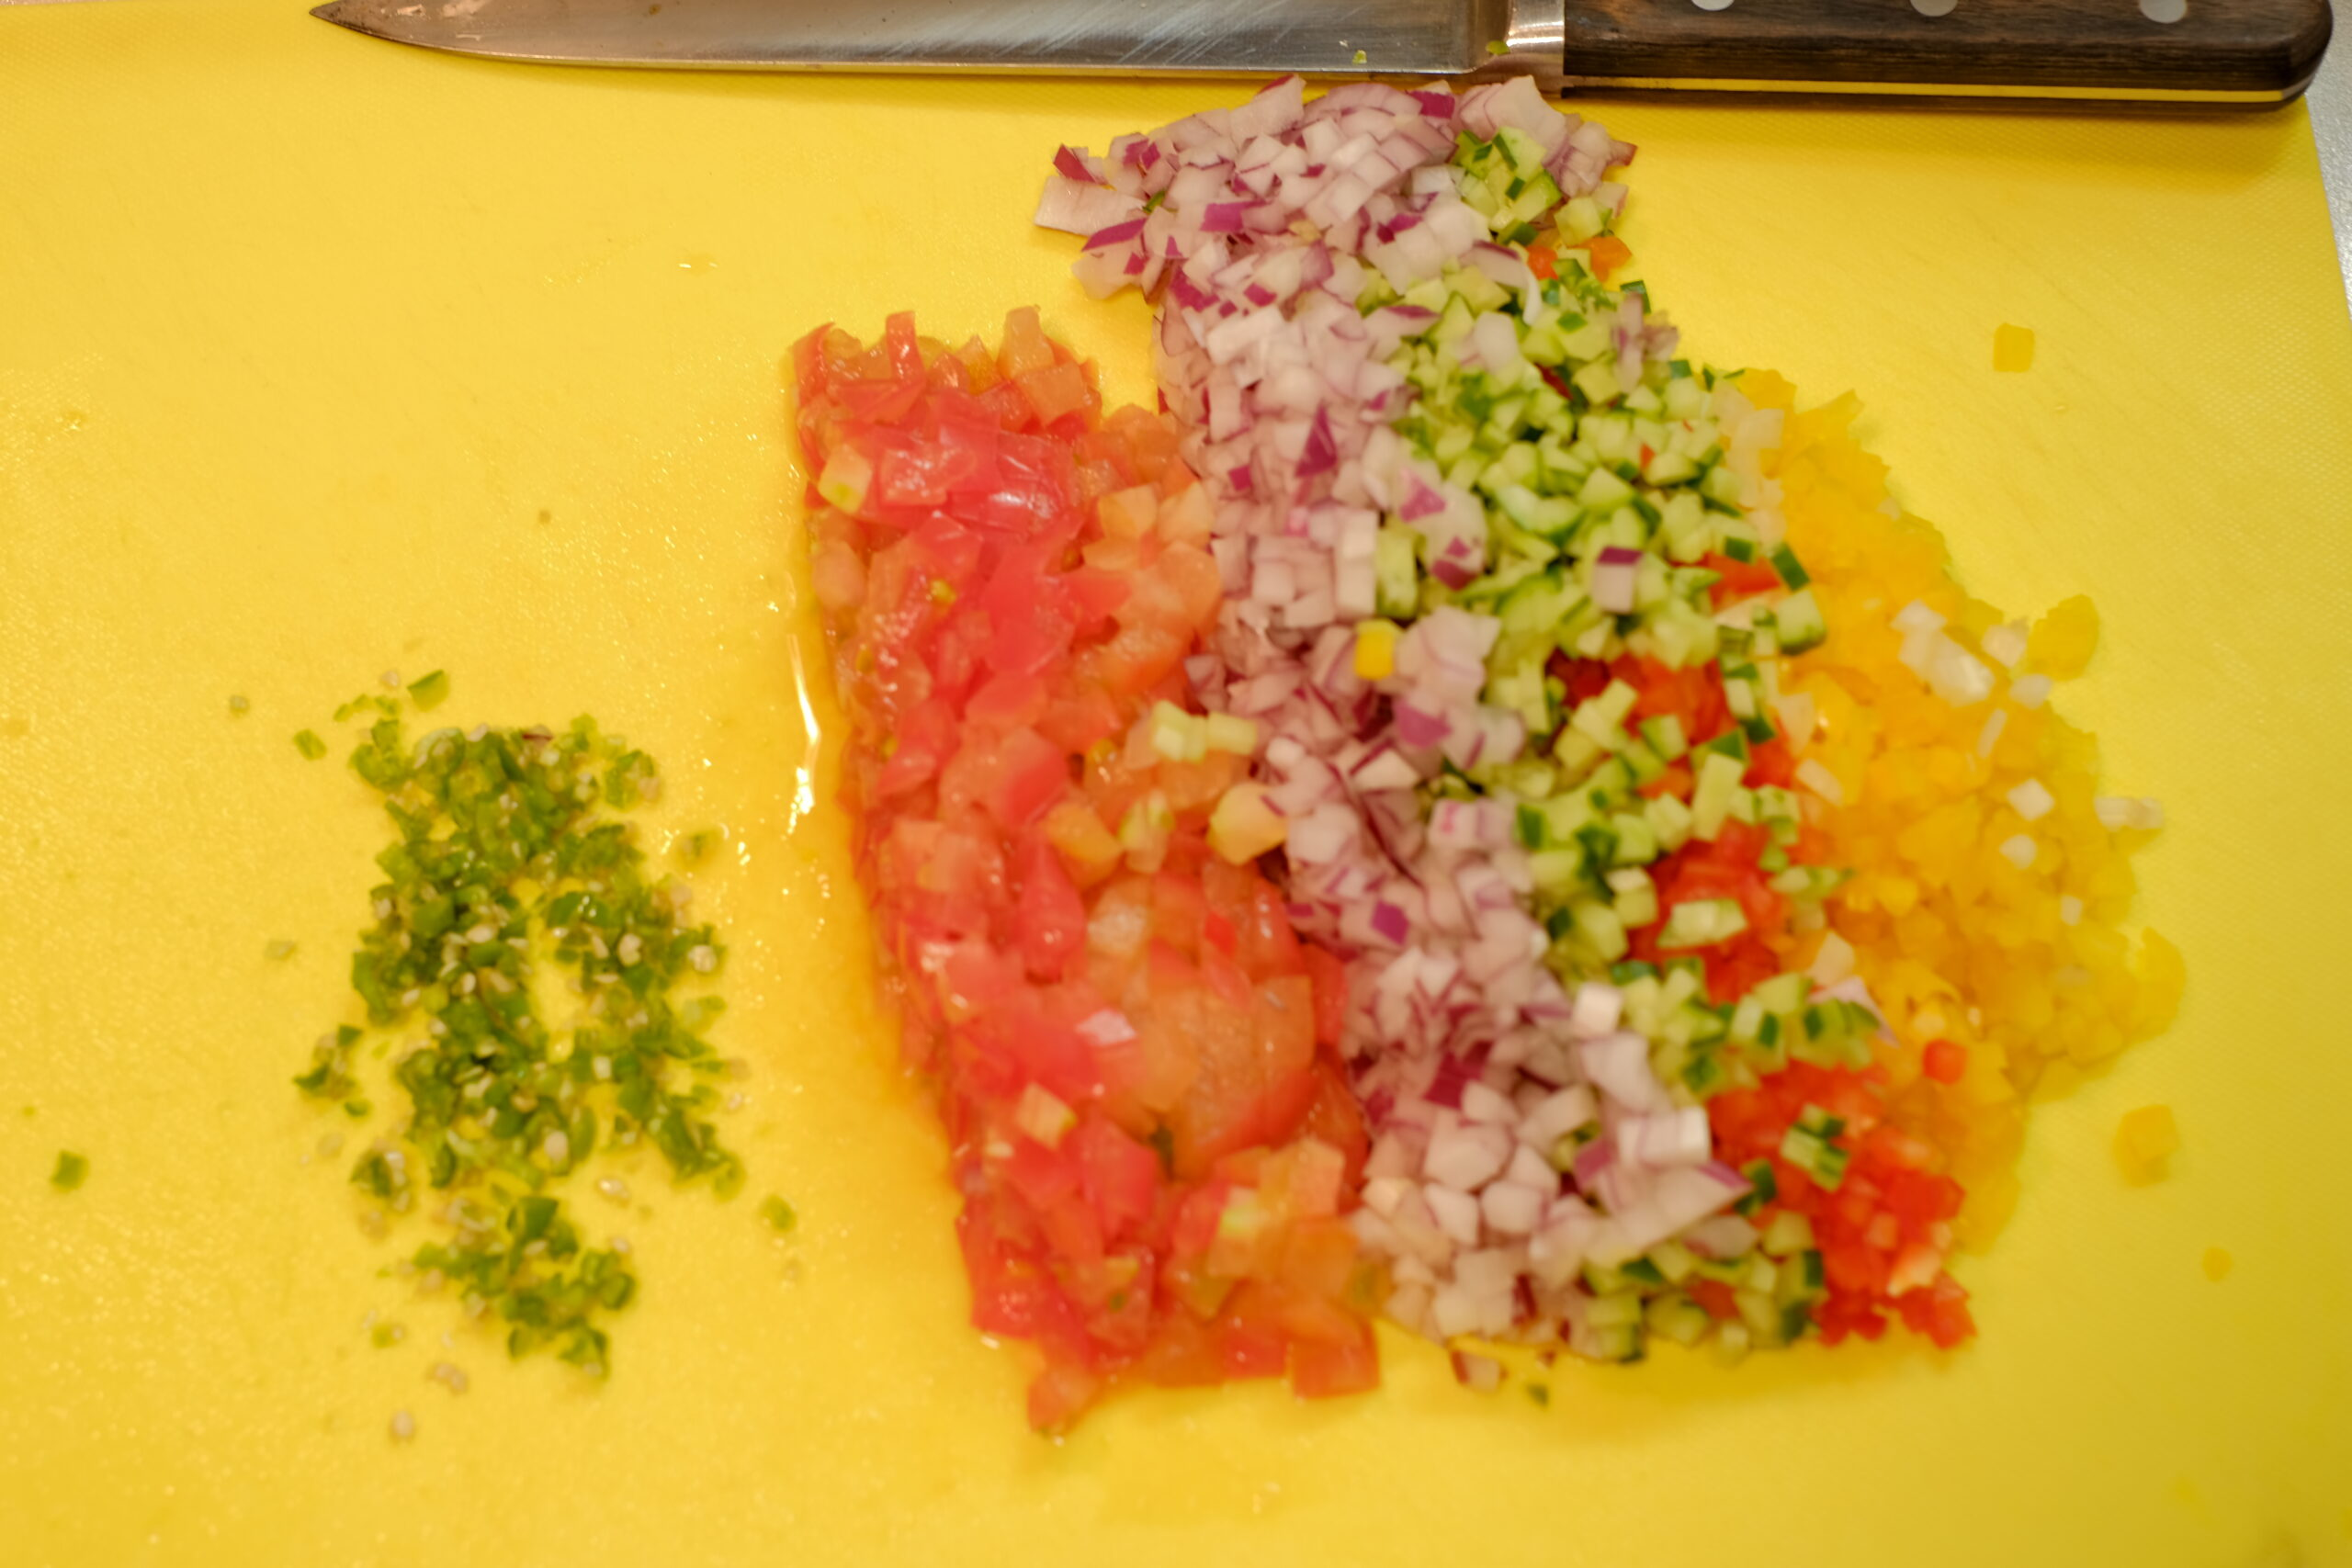 みじん切りにした青唐辛子と、3mmに切りそろえた野菜の画像です